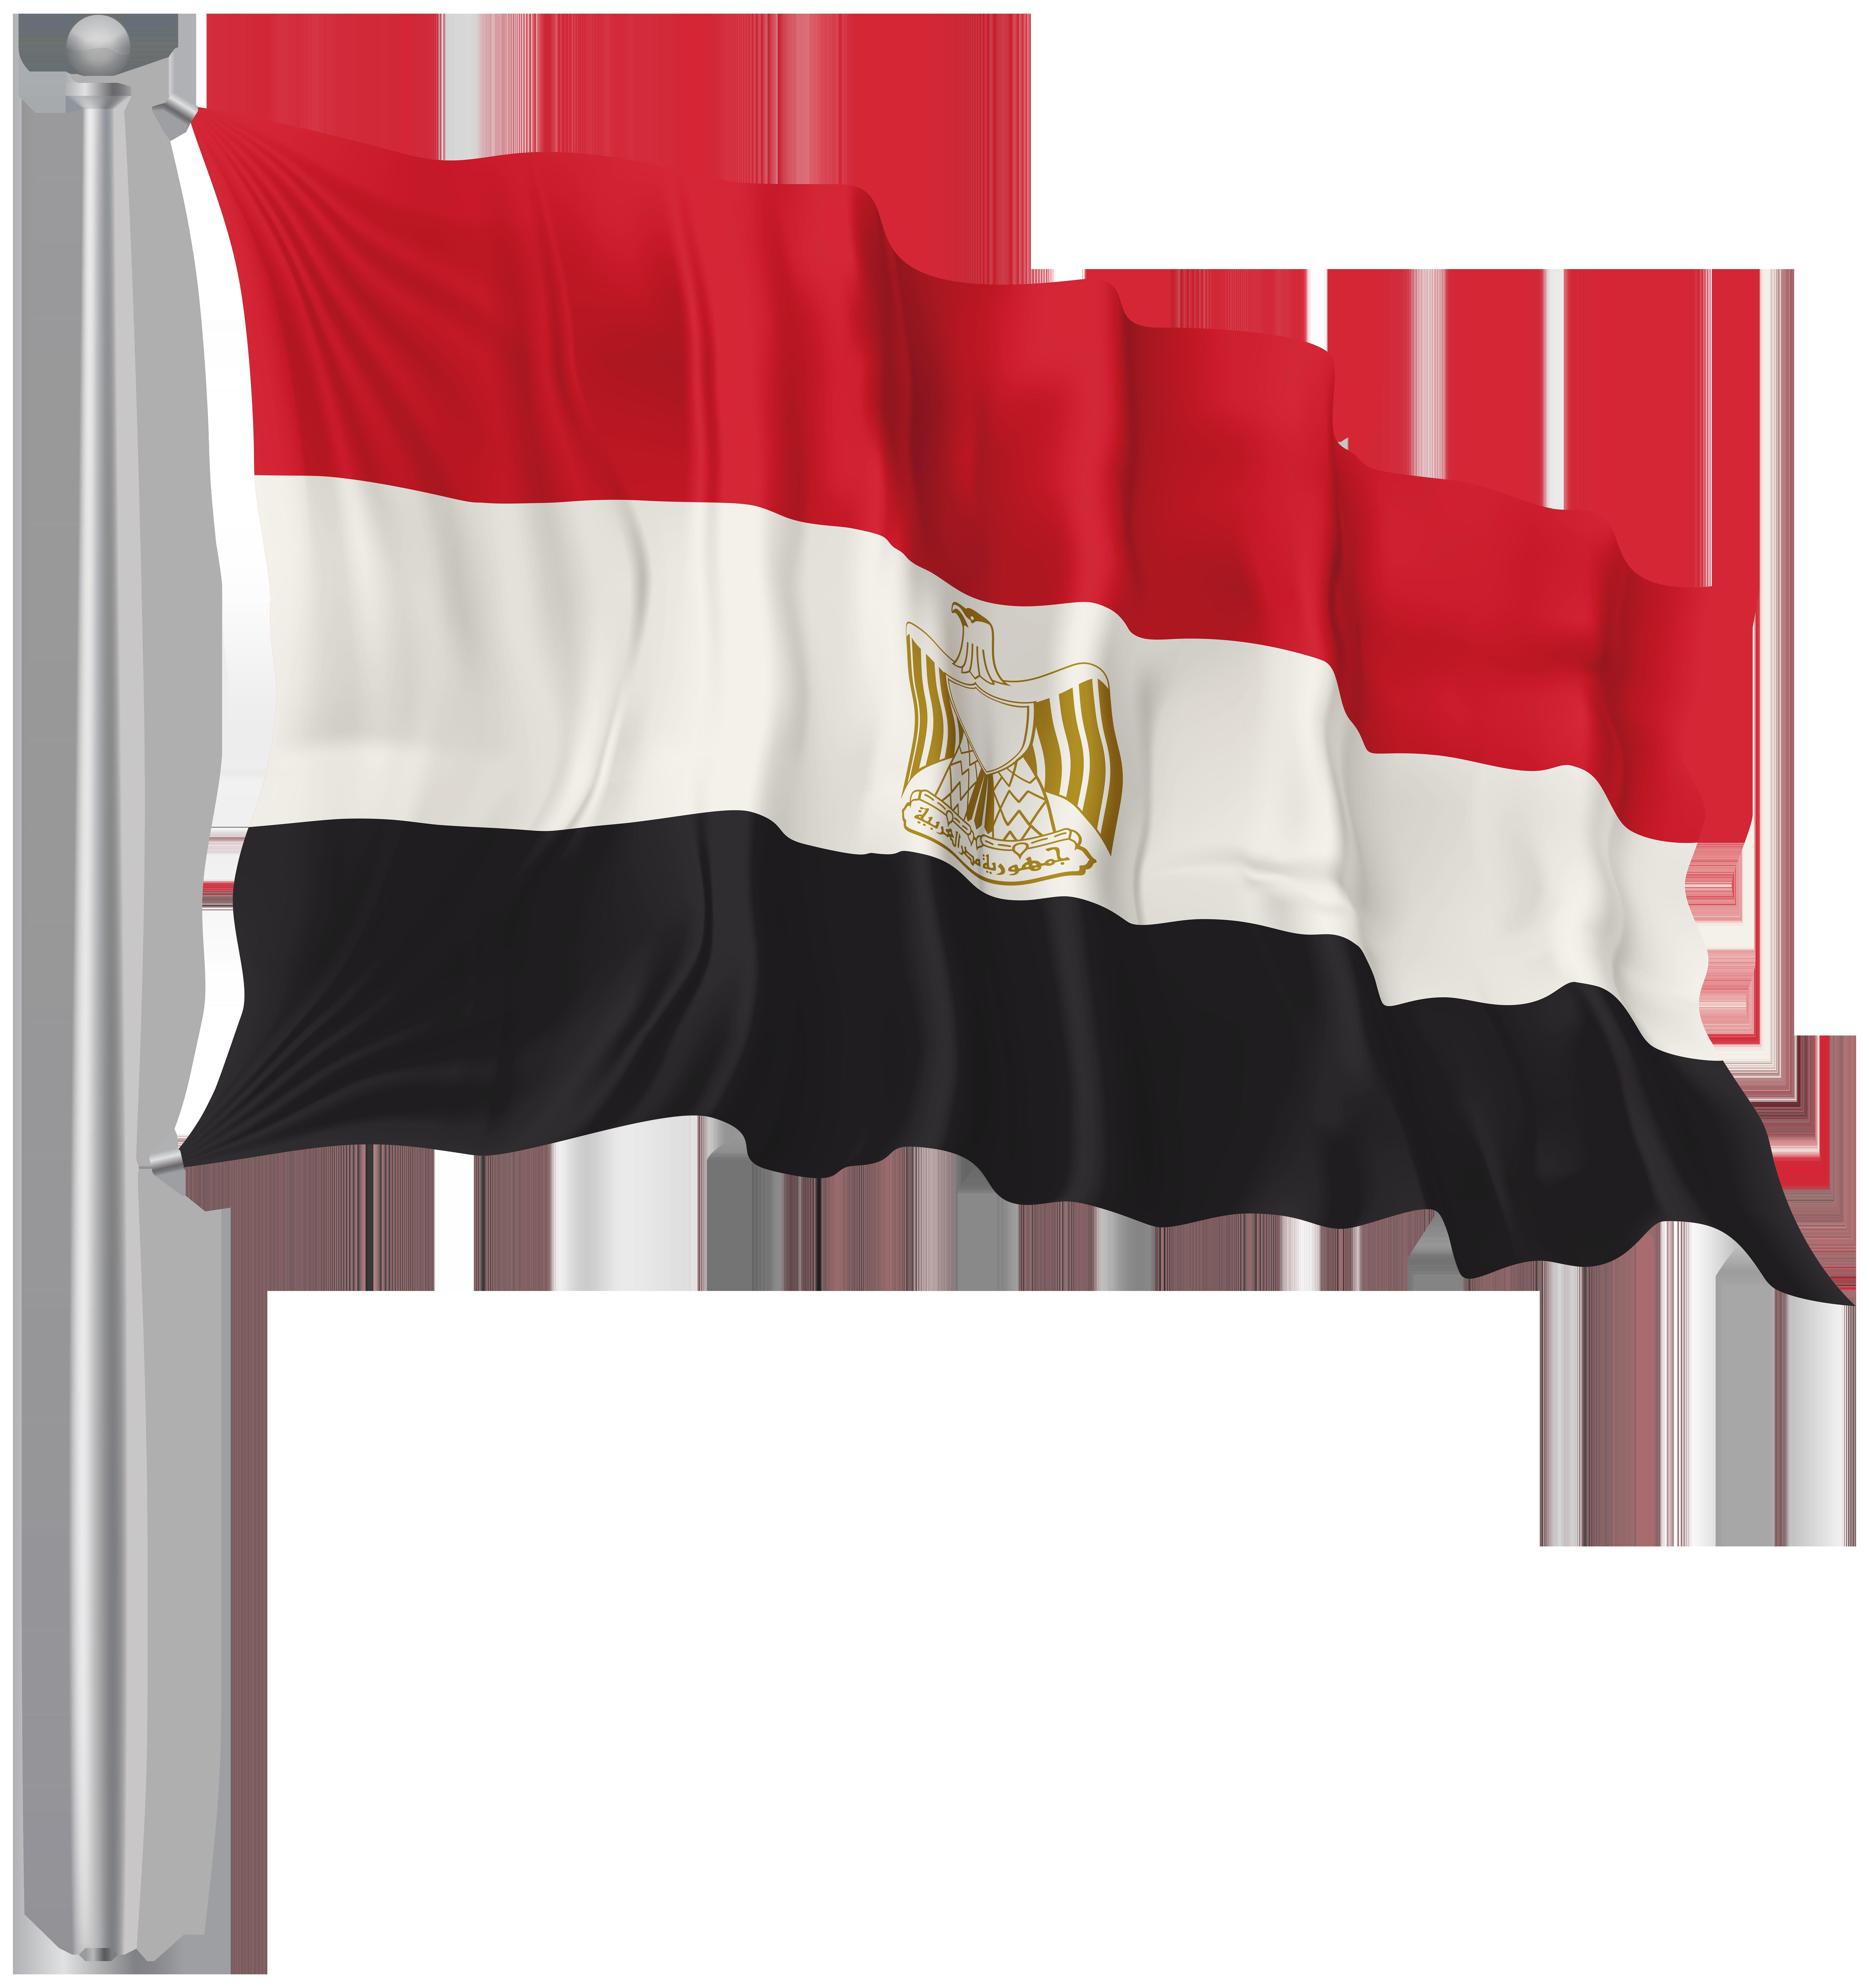 Egypt Waving Flag PNG Image.